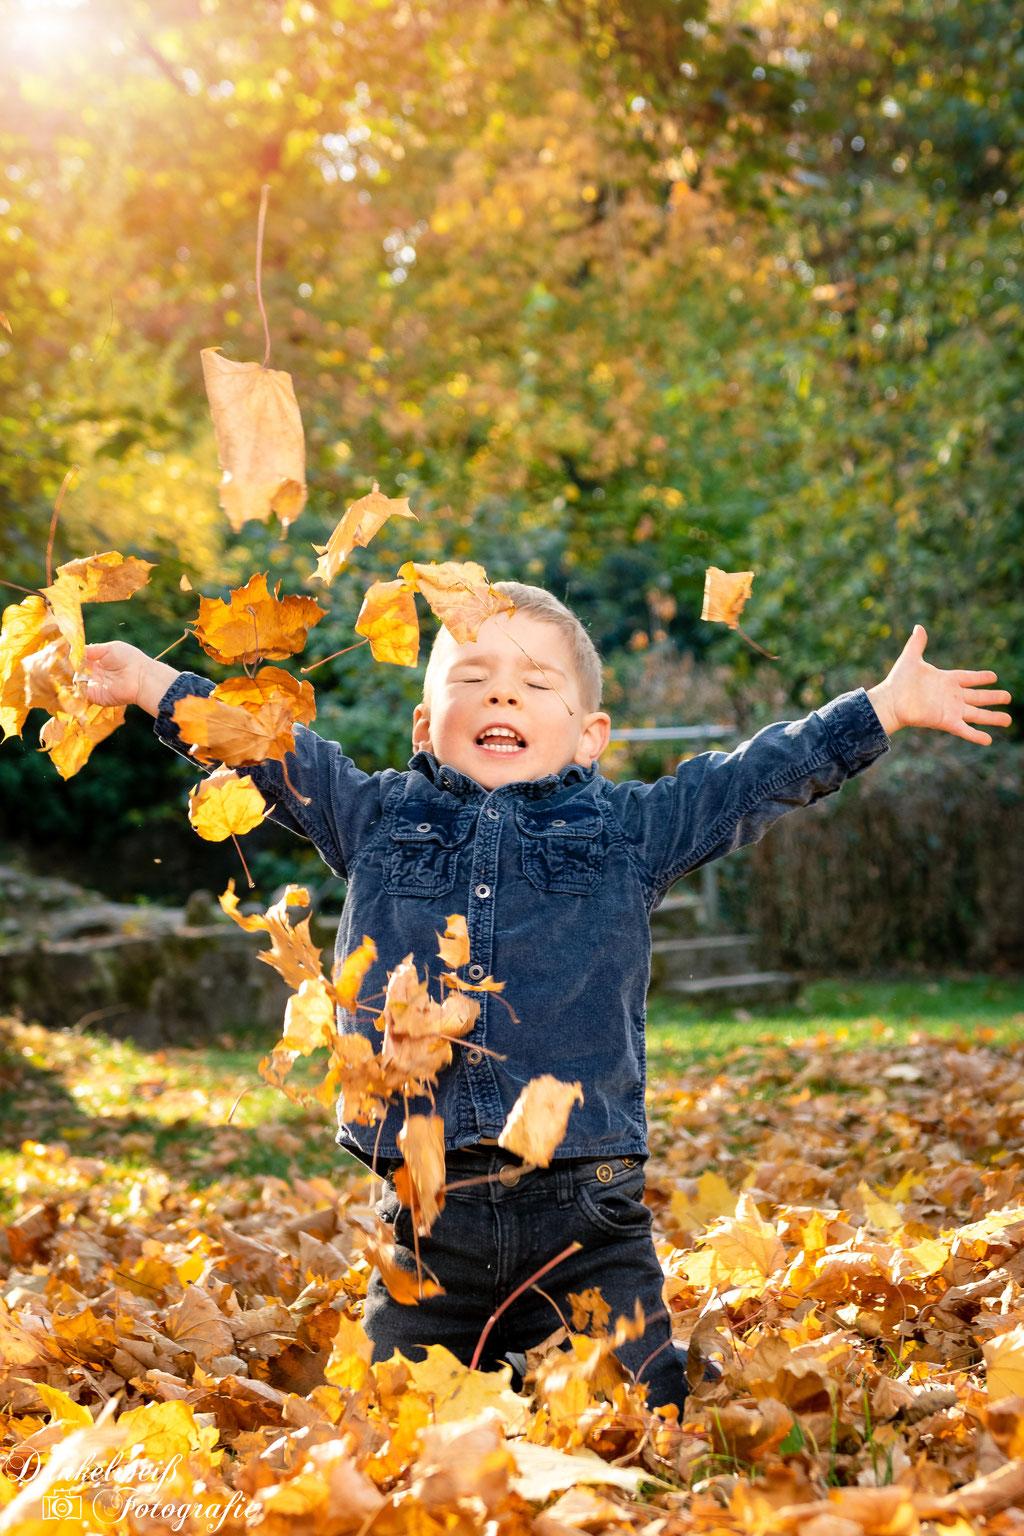 Familienfotografie -  kind sitzt im Laub und wirft es in die Luft